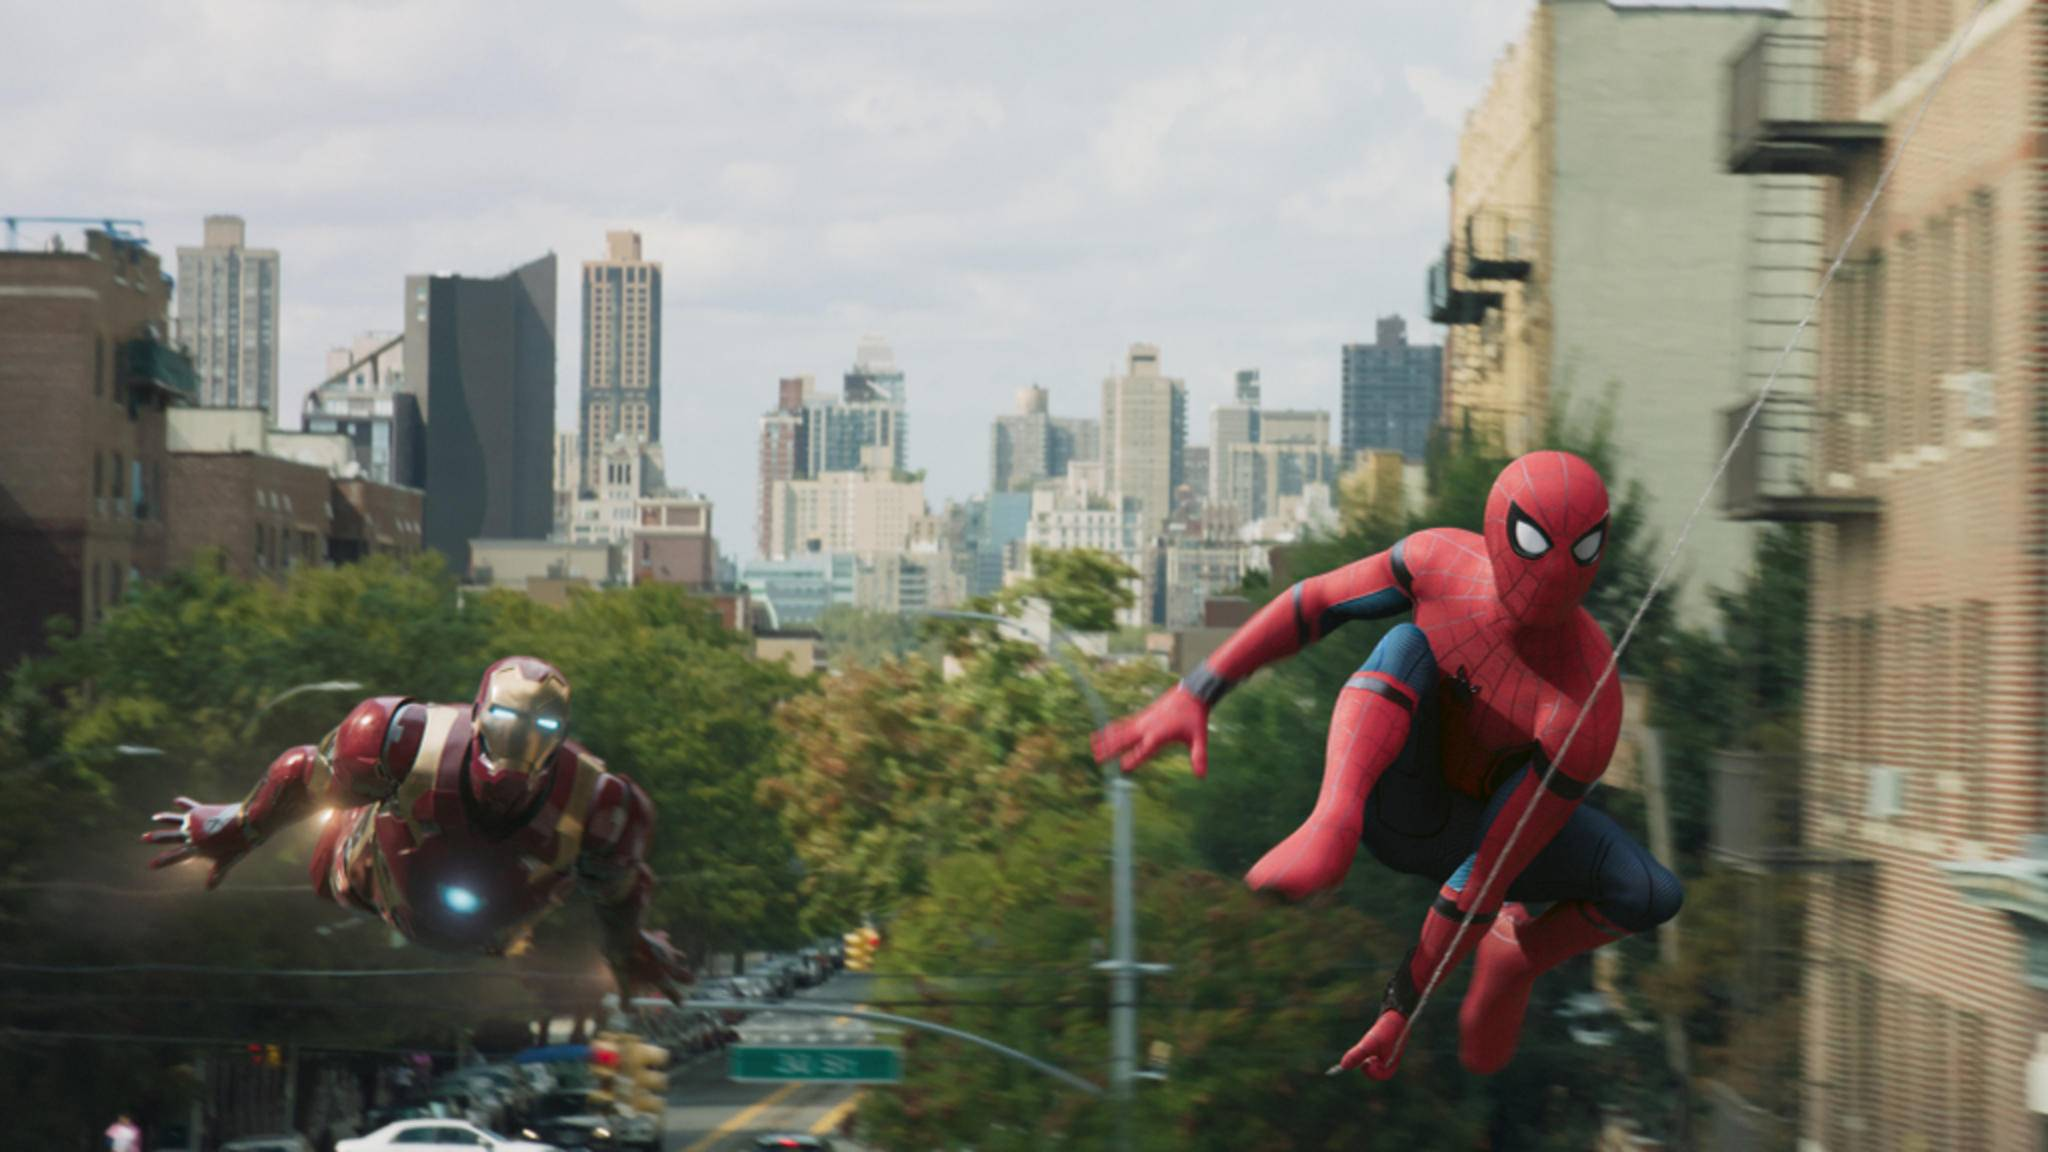 Tony Stark hat offenbar schon länger ein wachsames Auge auf Peter Parker.